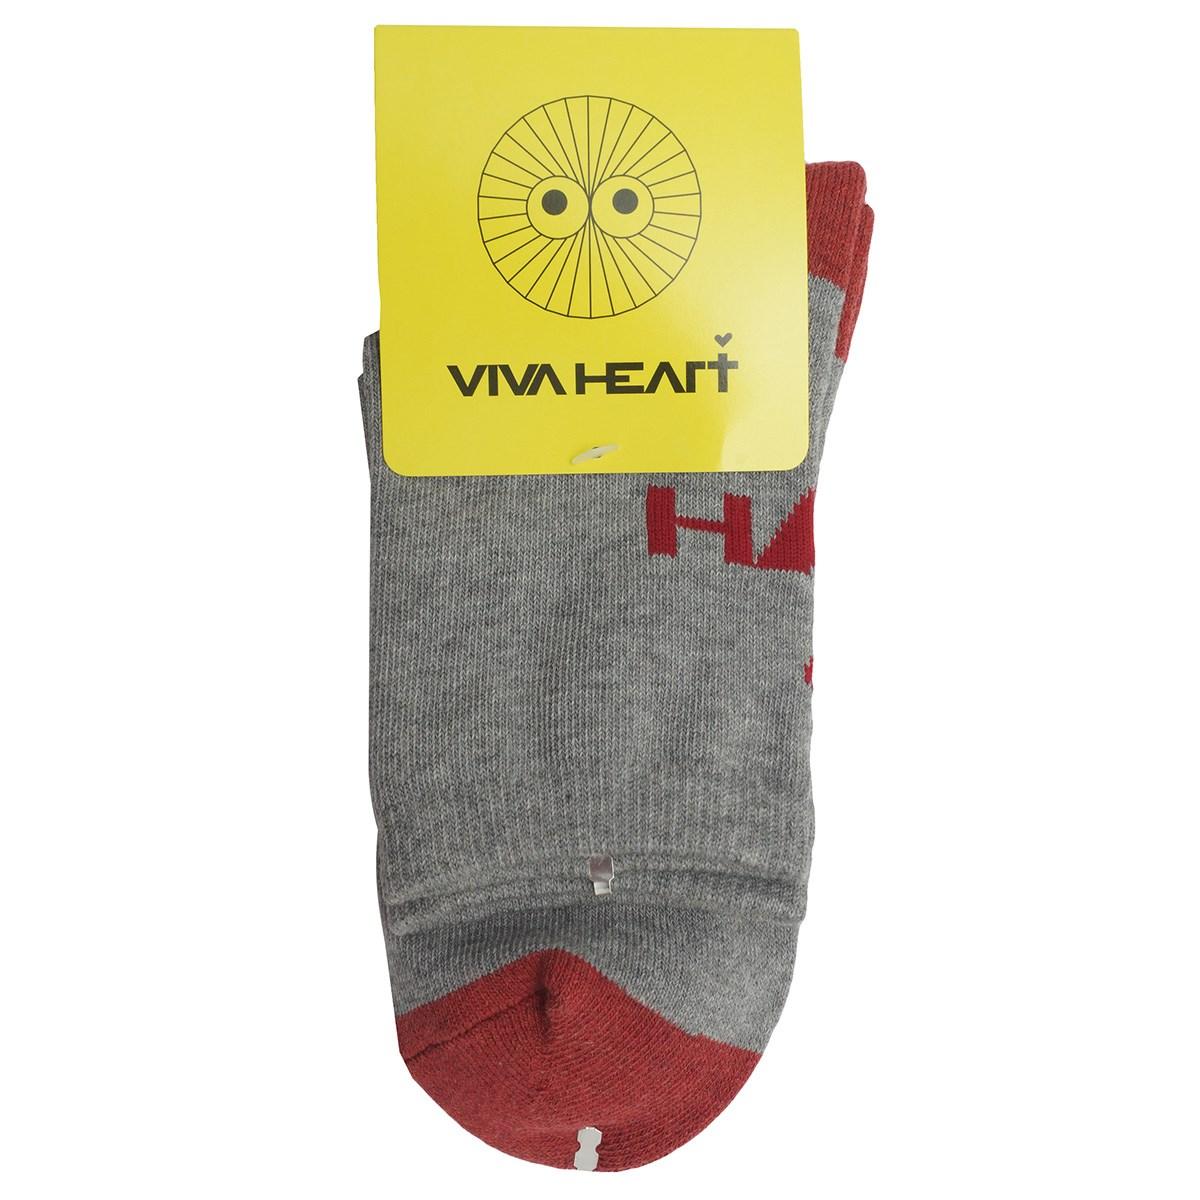 ビバハート VIVA HEART レギュラーソックス フリー グレー 013 レディス